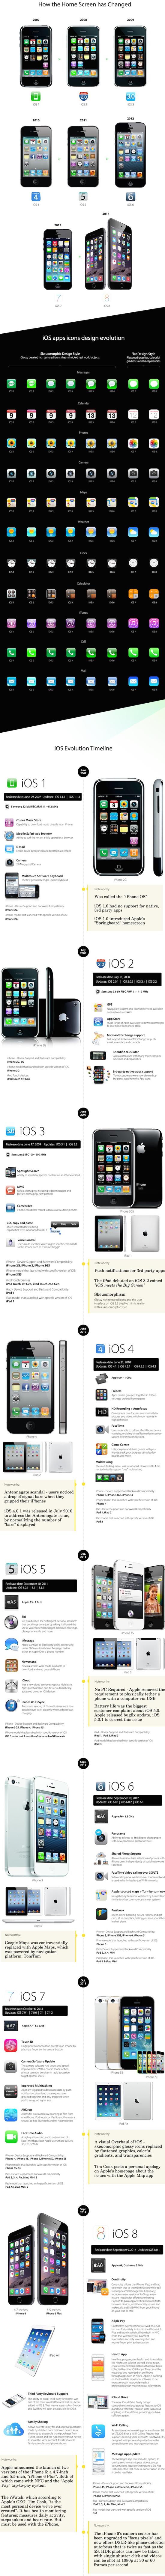 Как эволюционировала iOS — от первой iPhone OS до iOS 8